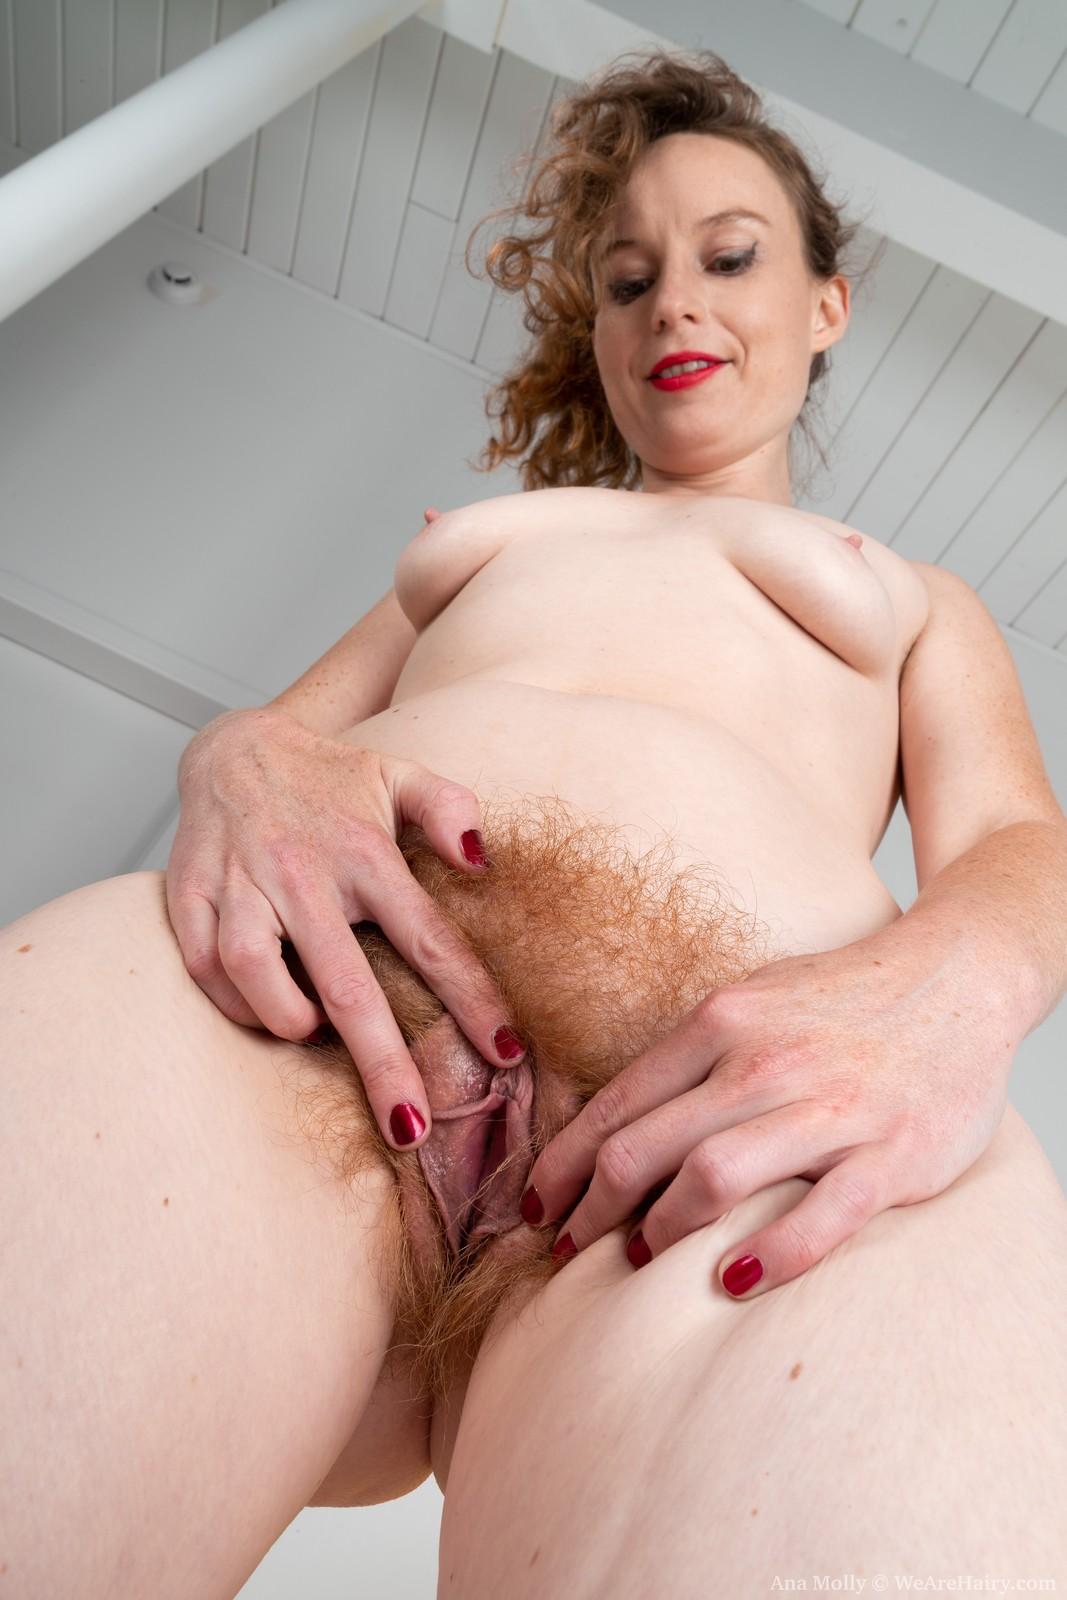 Ana Molly masturbating hairy twat